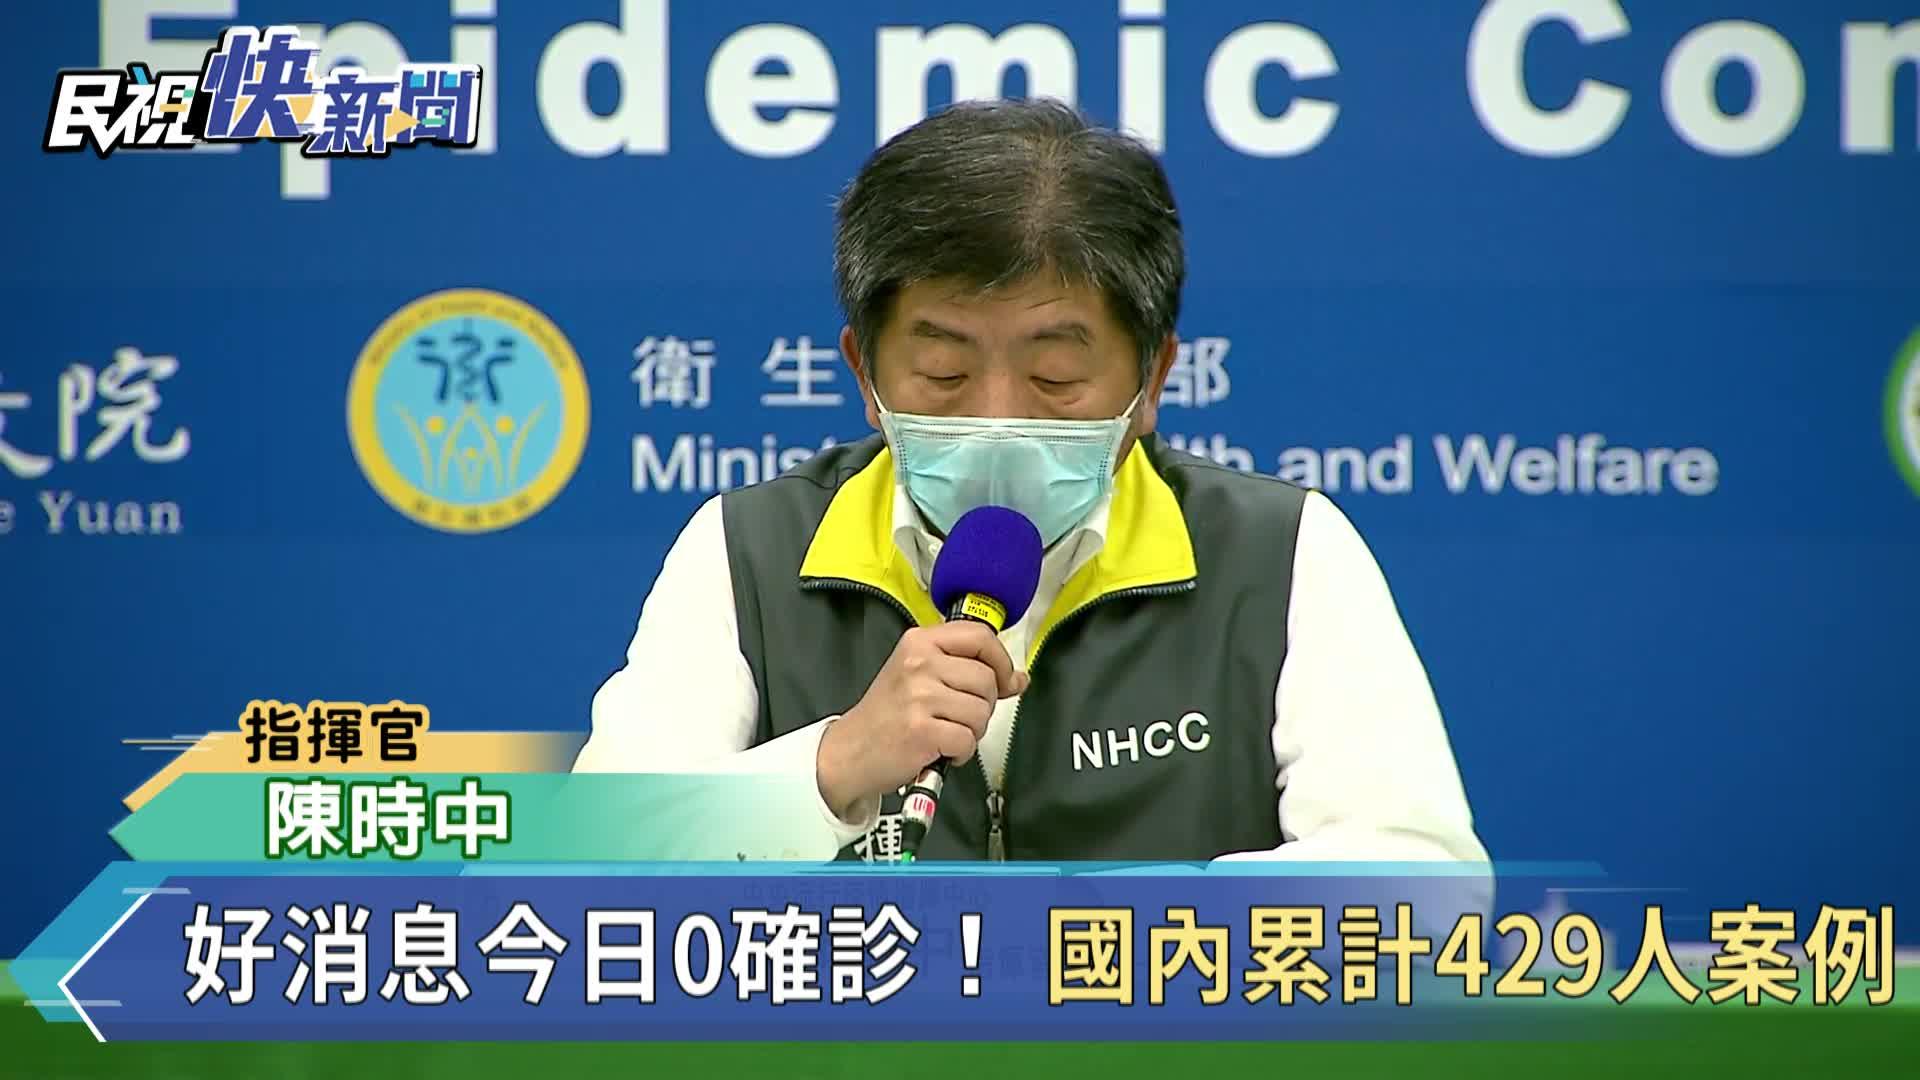 快新聞/好消息! 台灣今「零確診」累計429例 已14天無本土病例